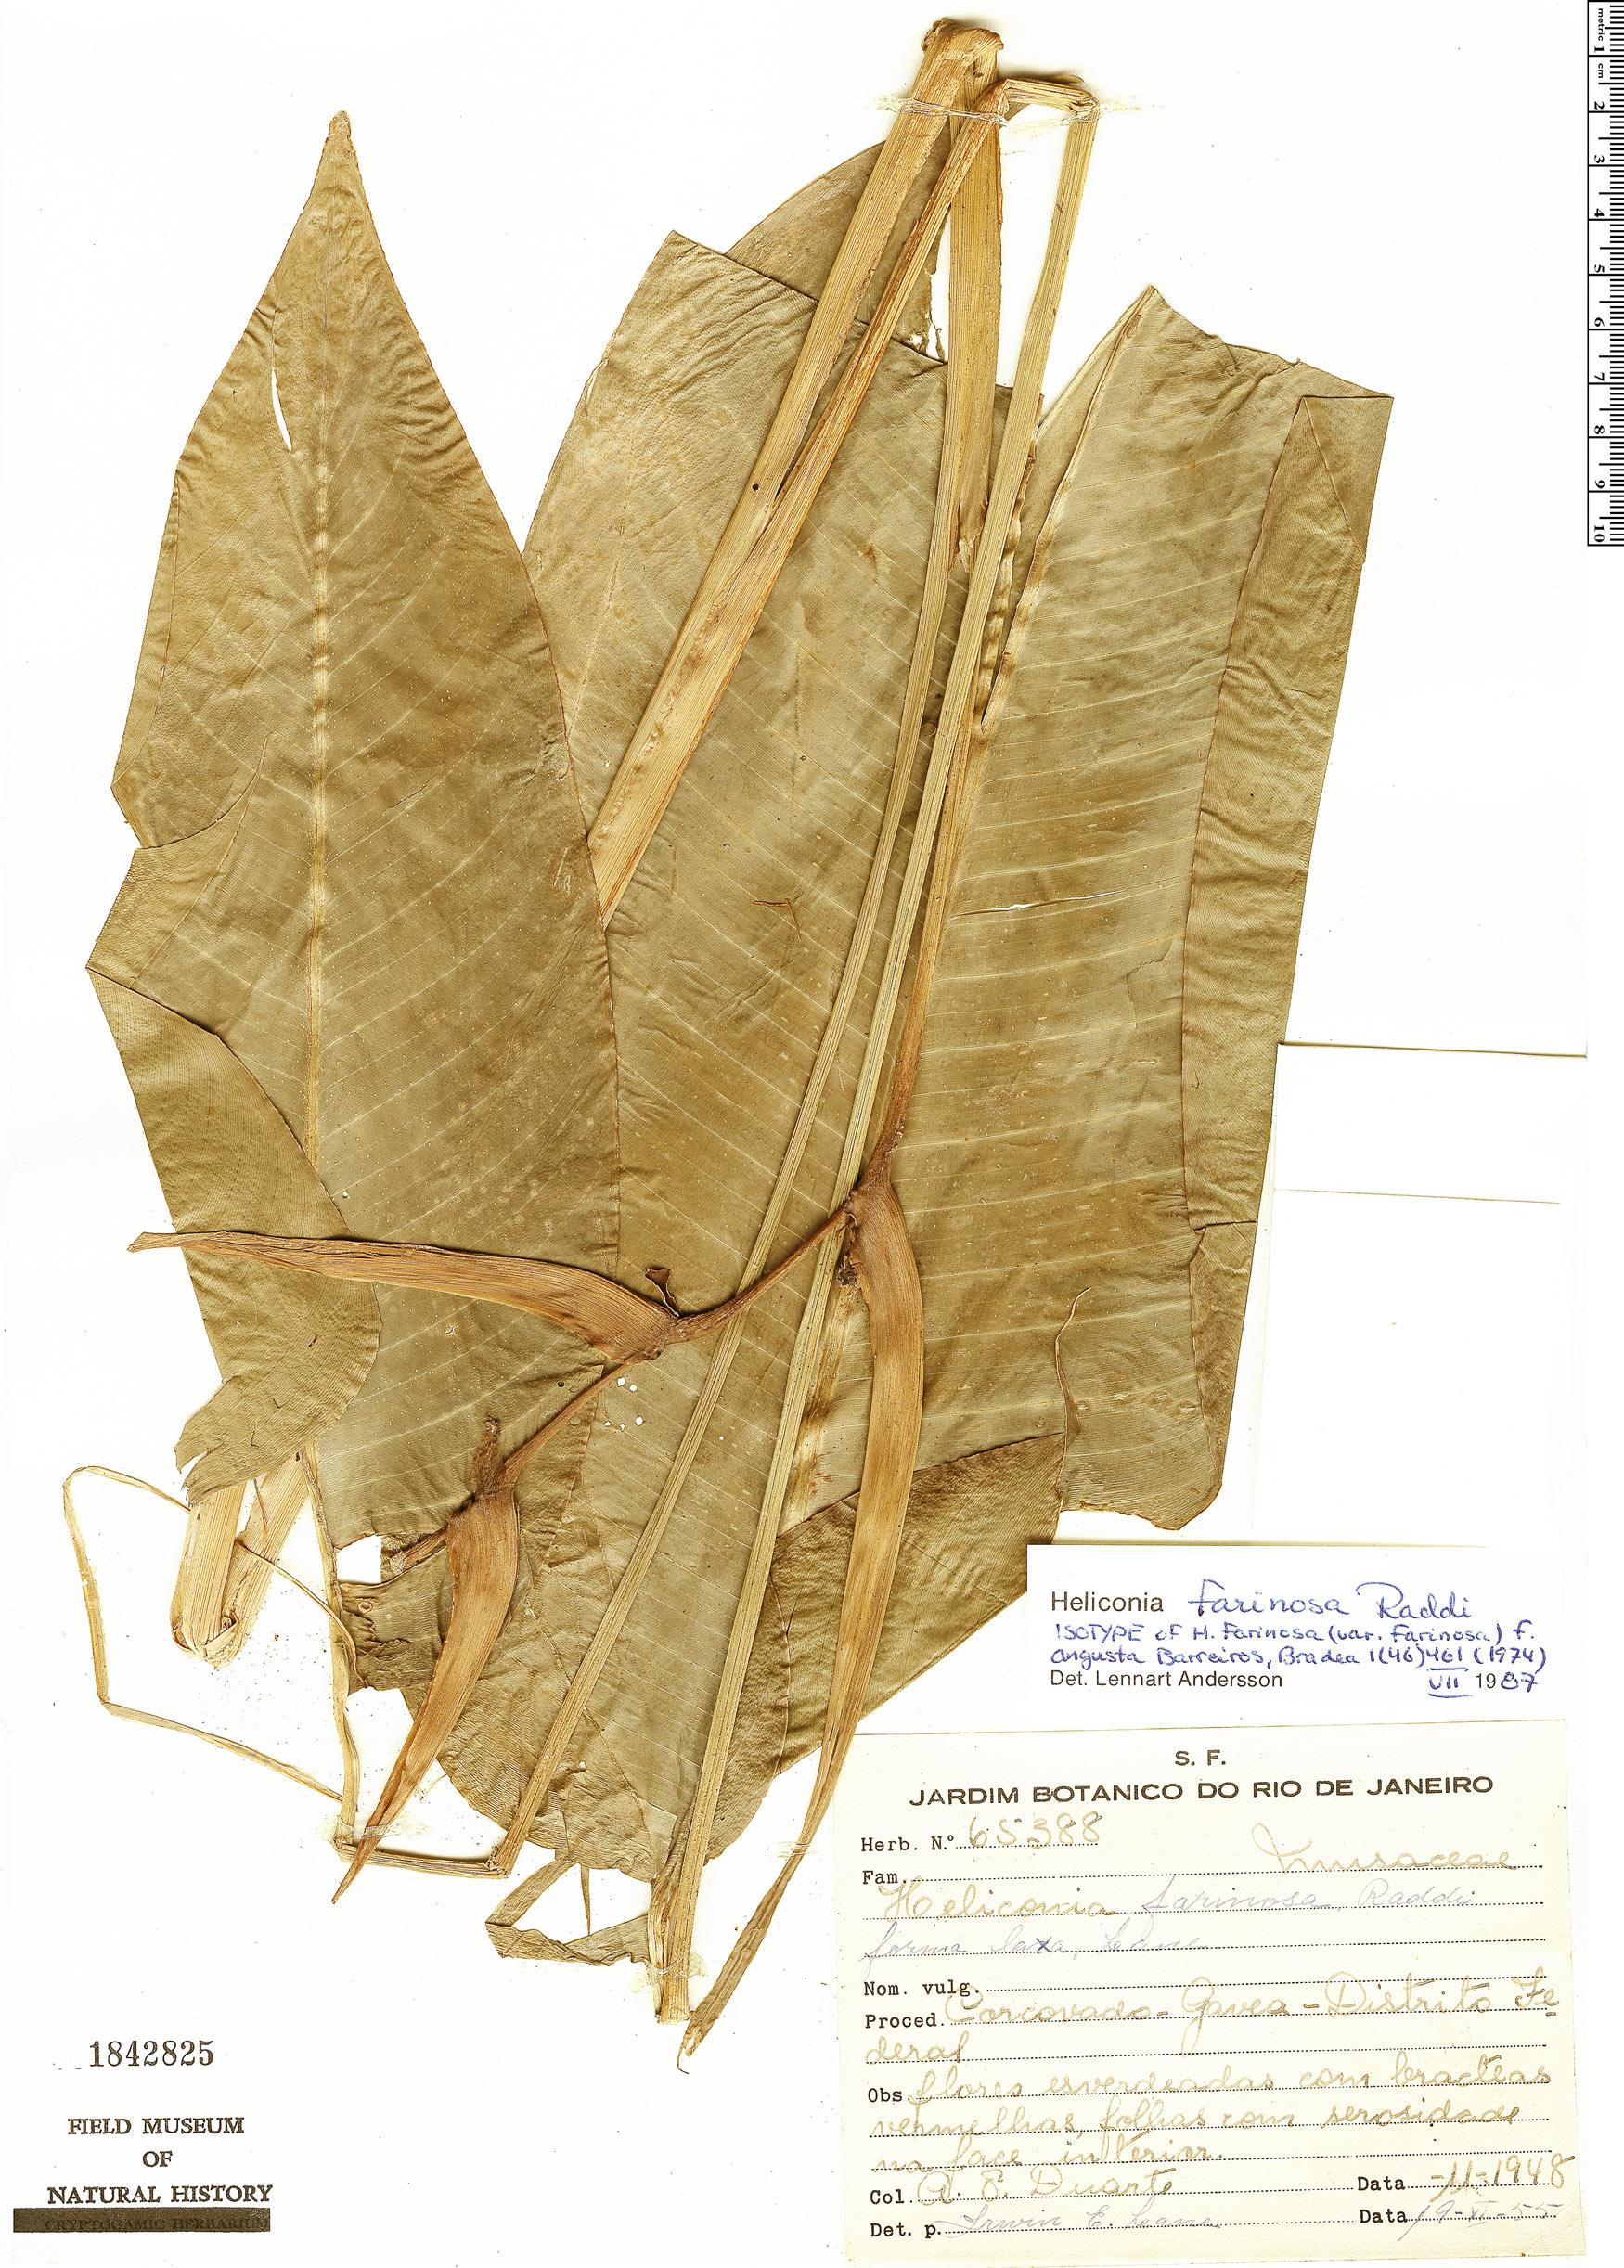 Specimen: Heliconia farinosa